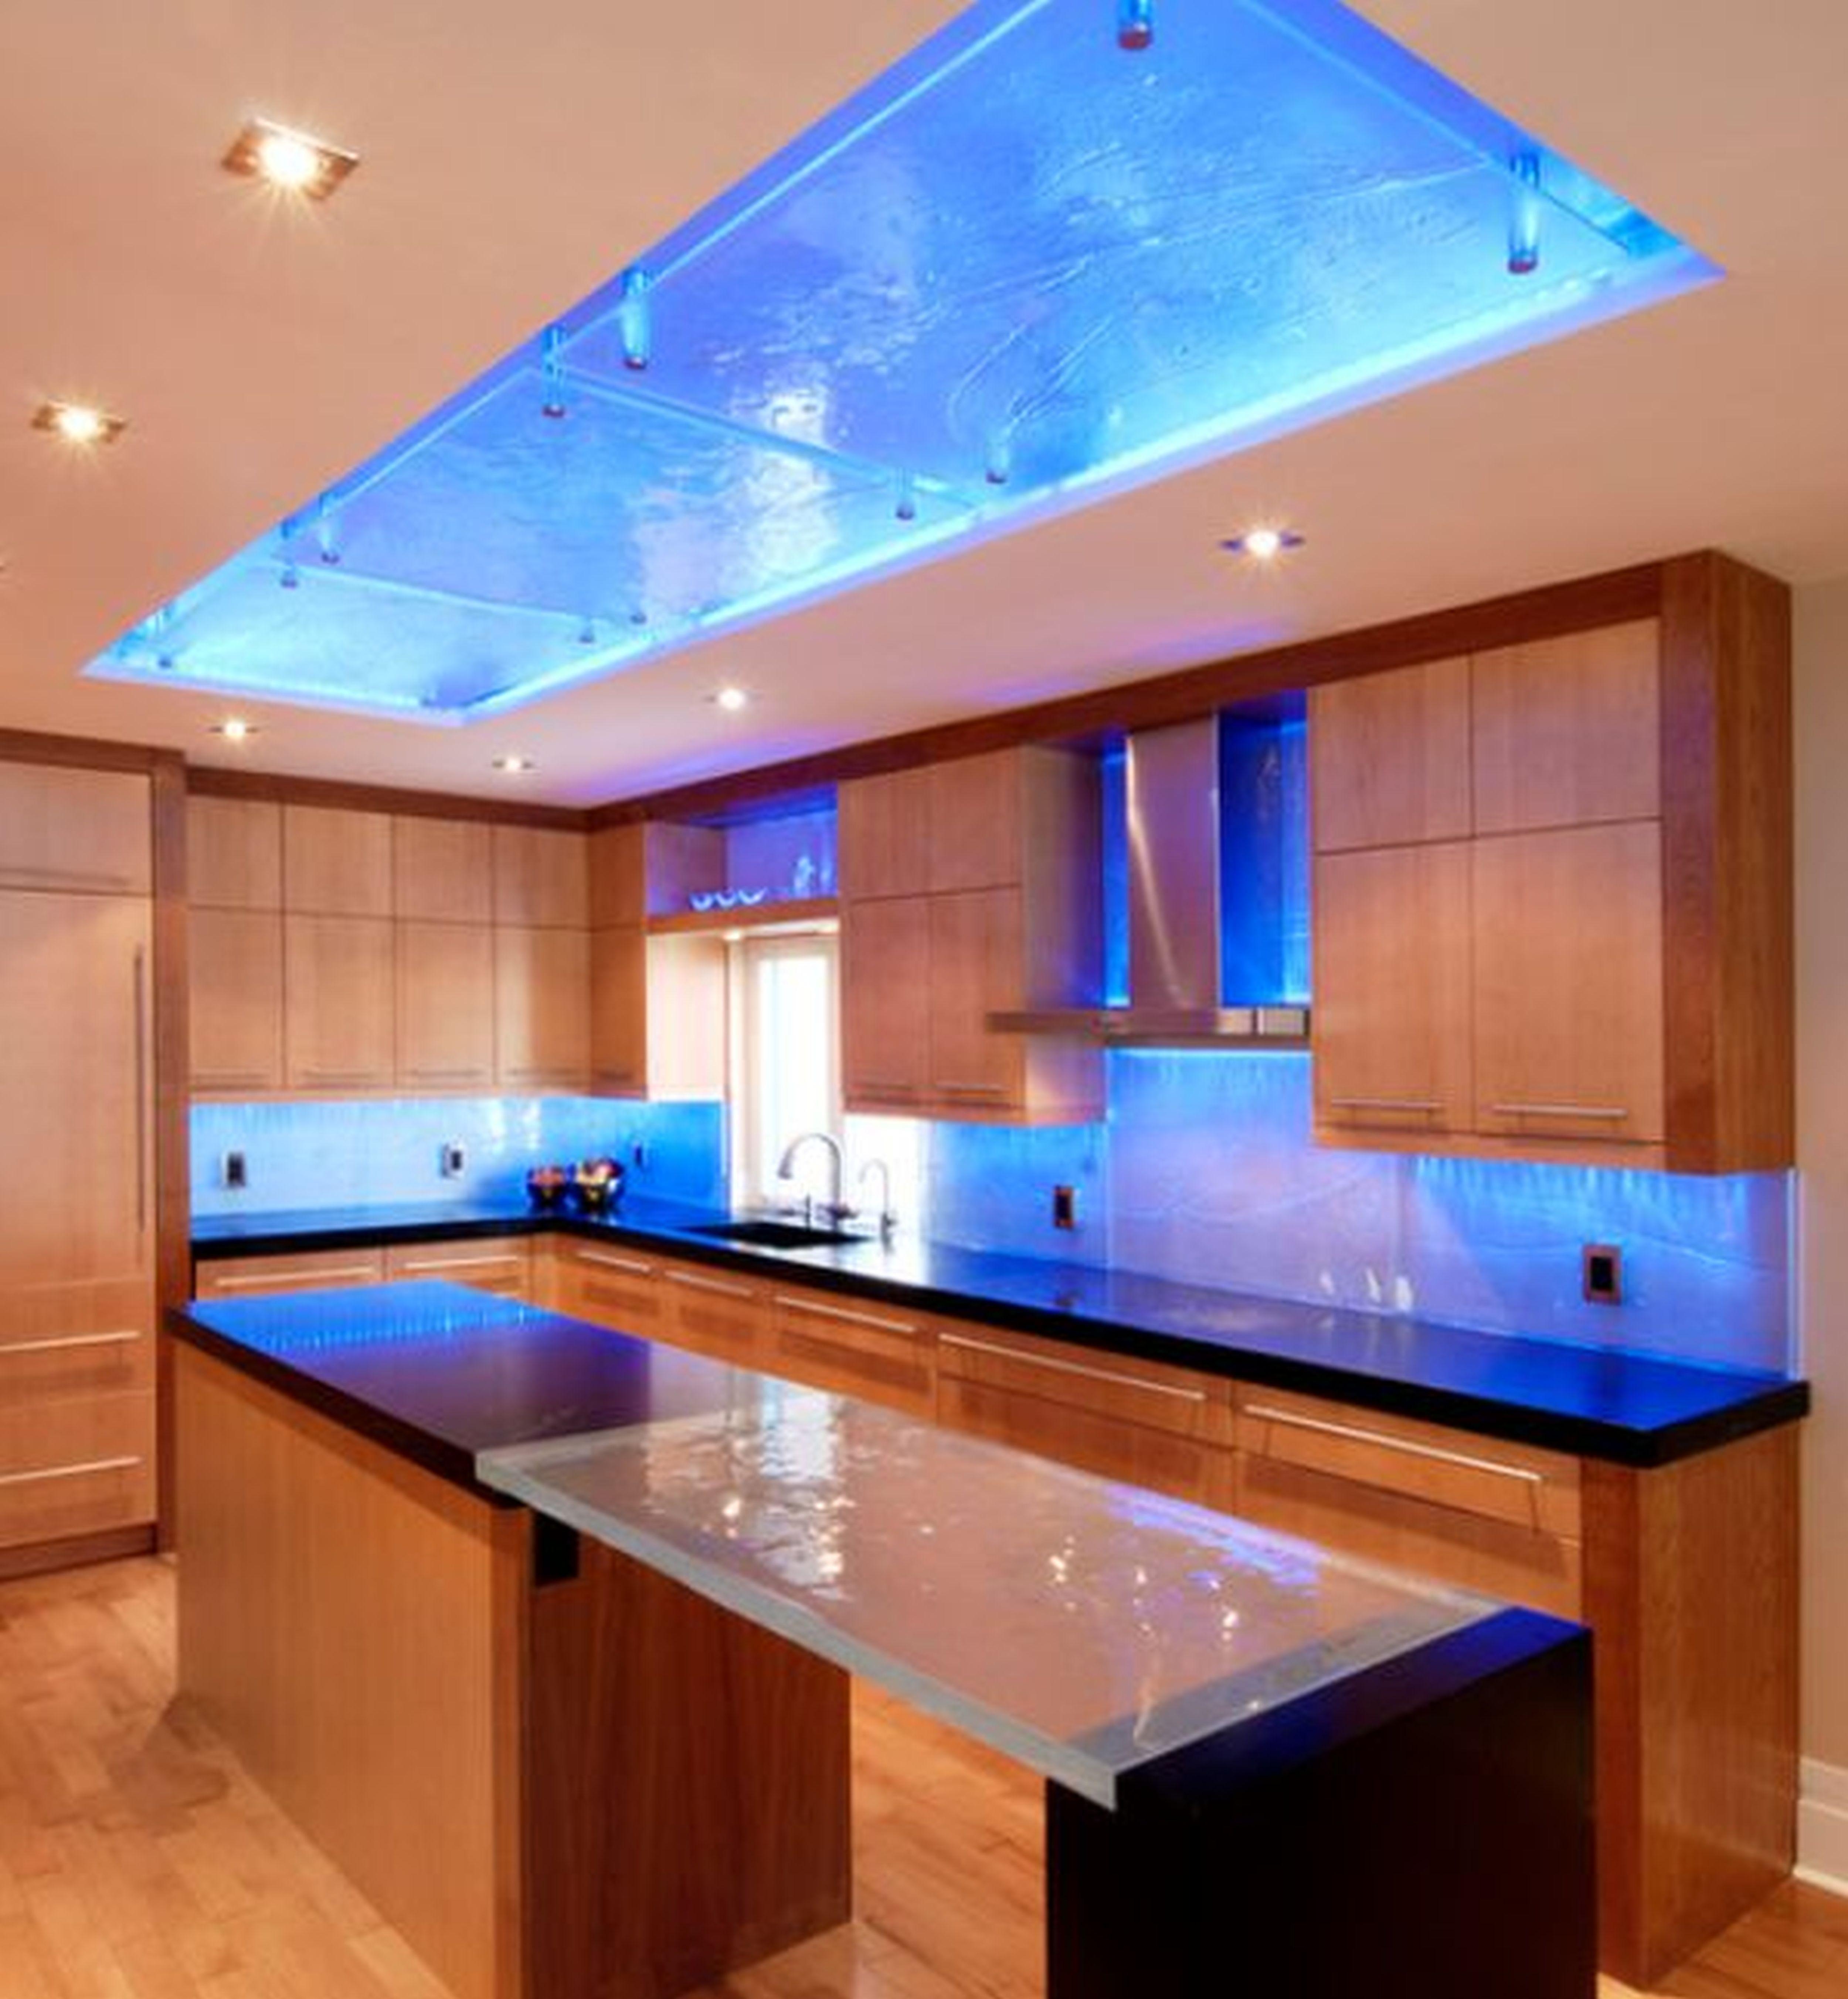 led light design for homes led lighting for home interiors prepossessing led kitchen lightixtures lighting  designs modern BWXGSUQ